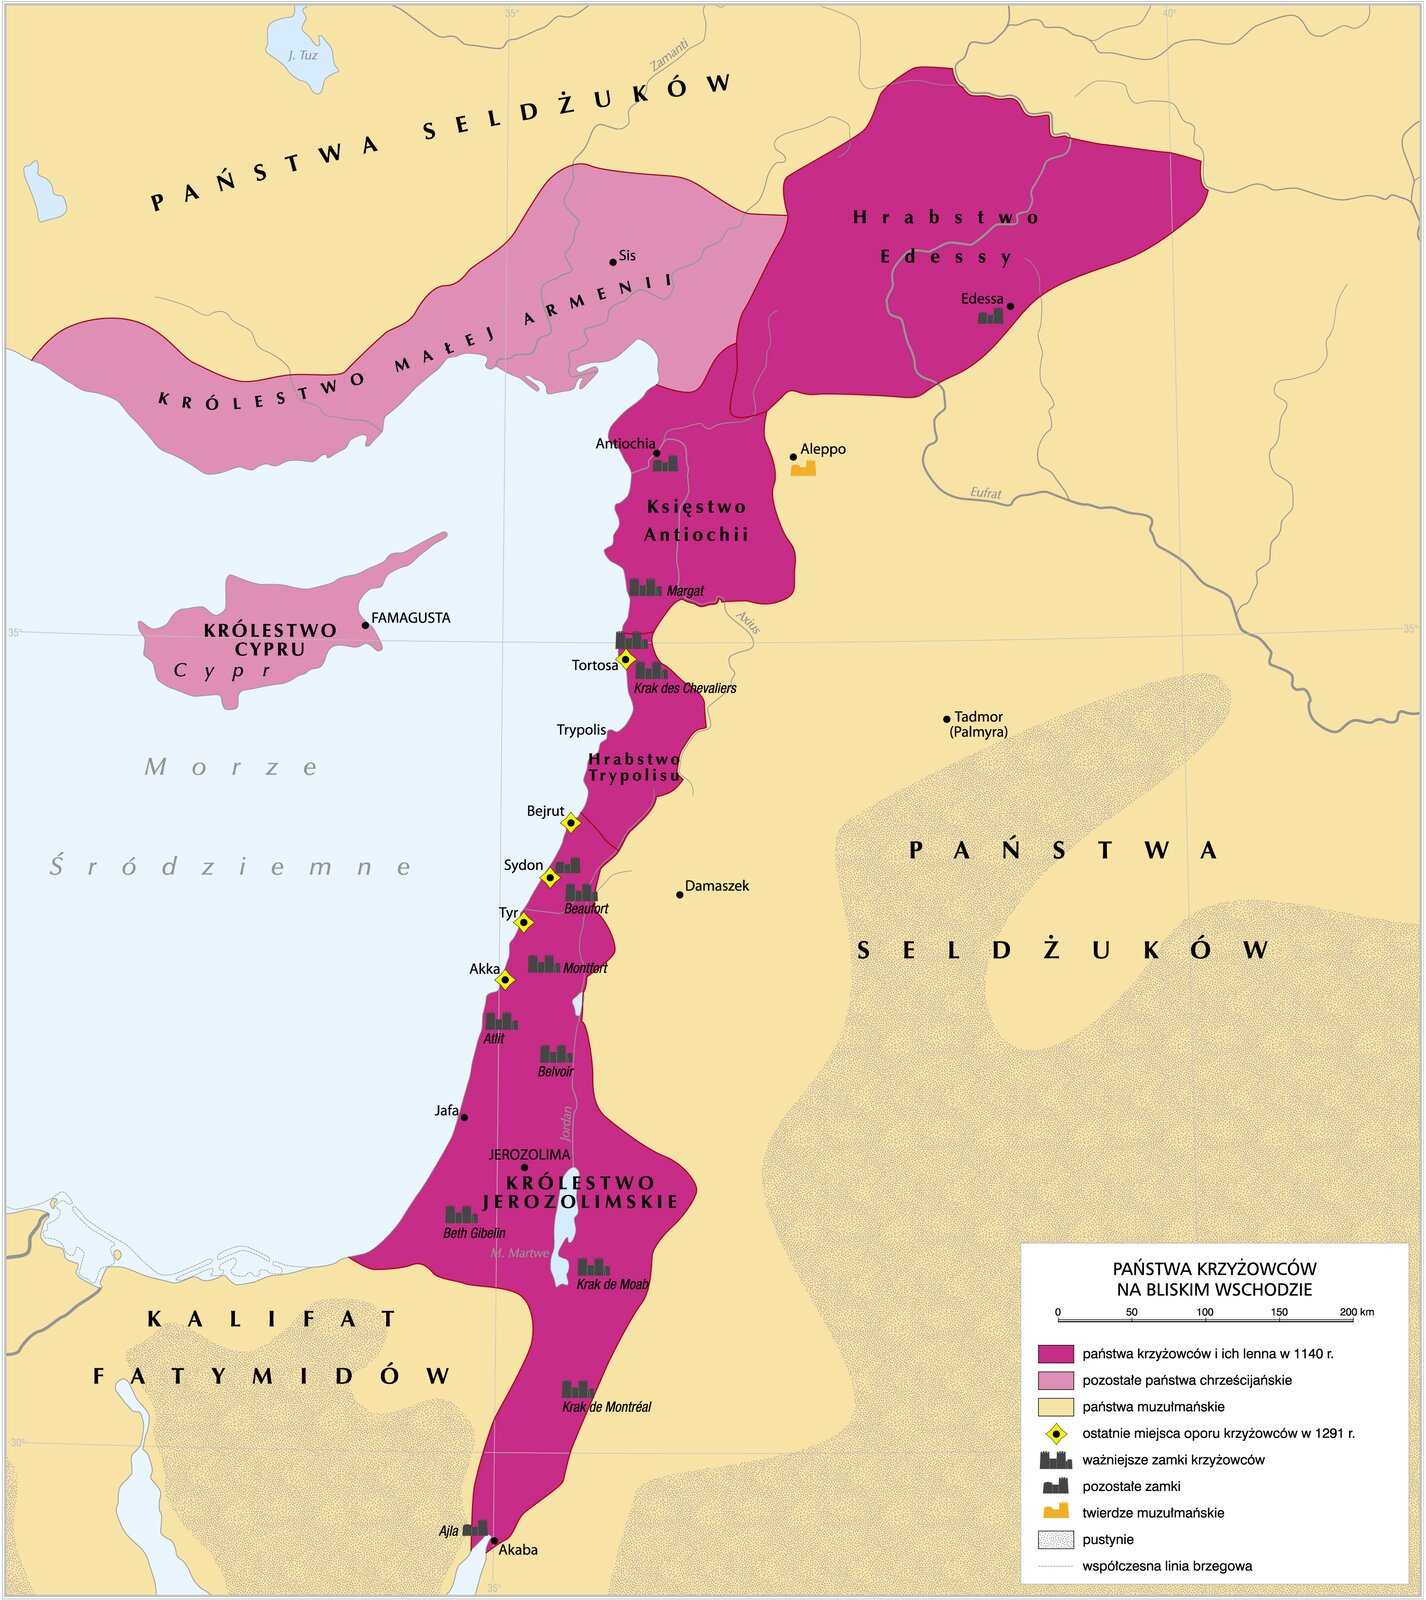 mapa - Państwa krzyżowców na Bliskim Wschodzie